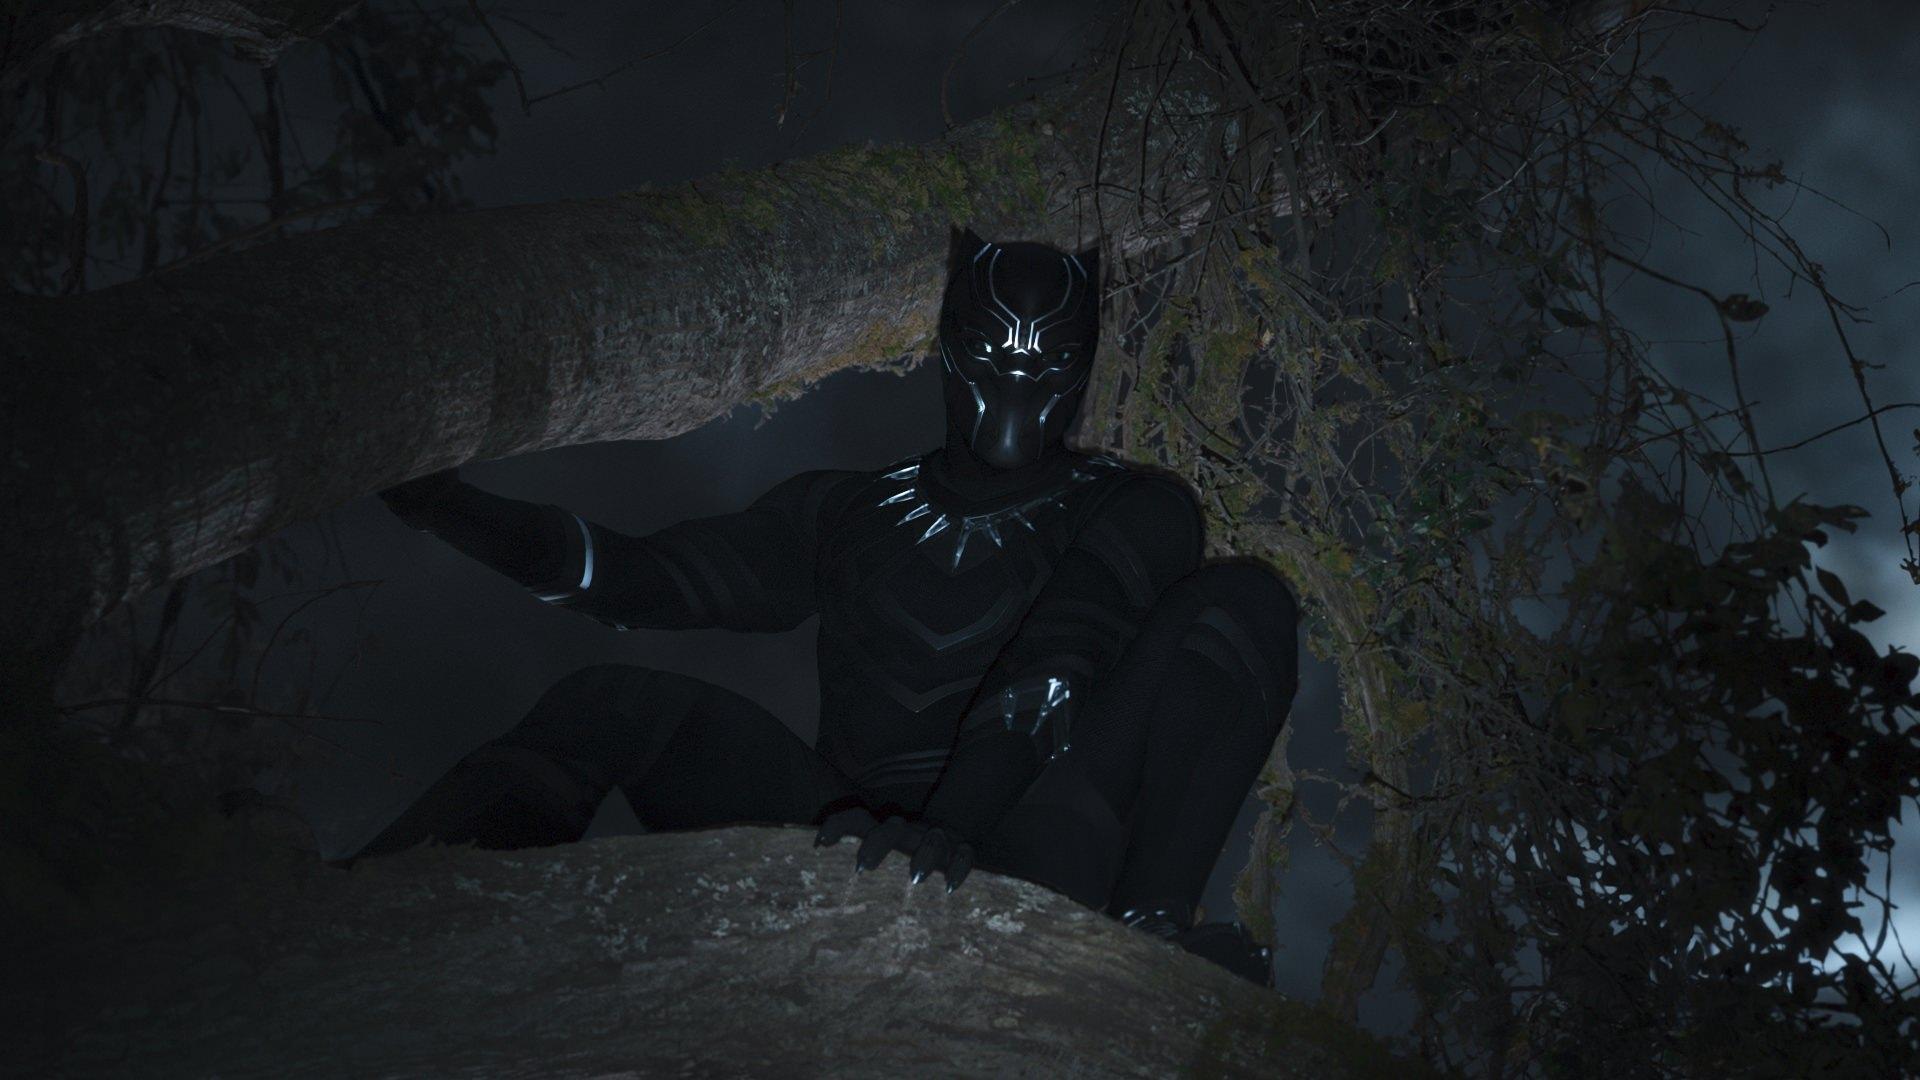 Black Panther Laptop Wallpapers Top Free Black Panther Laptop